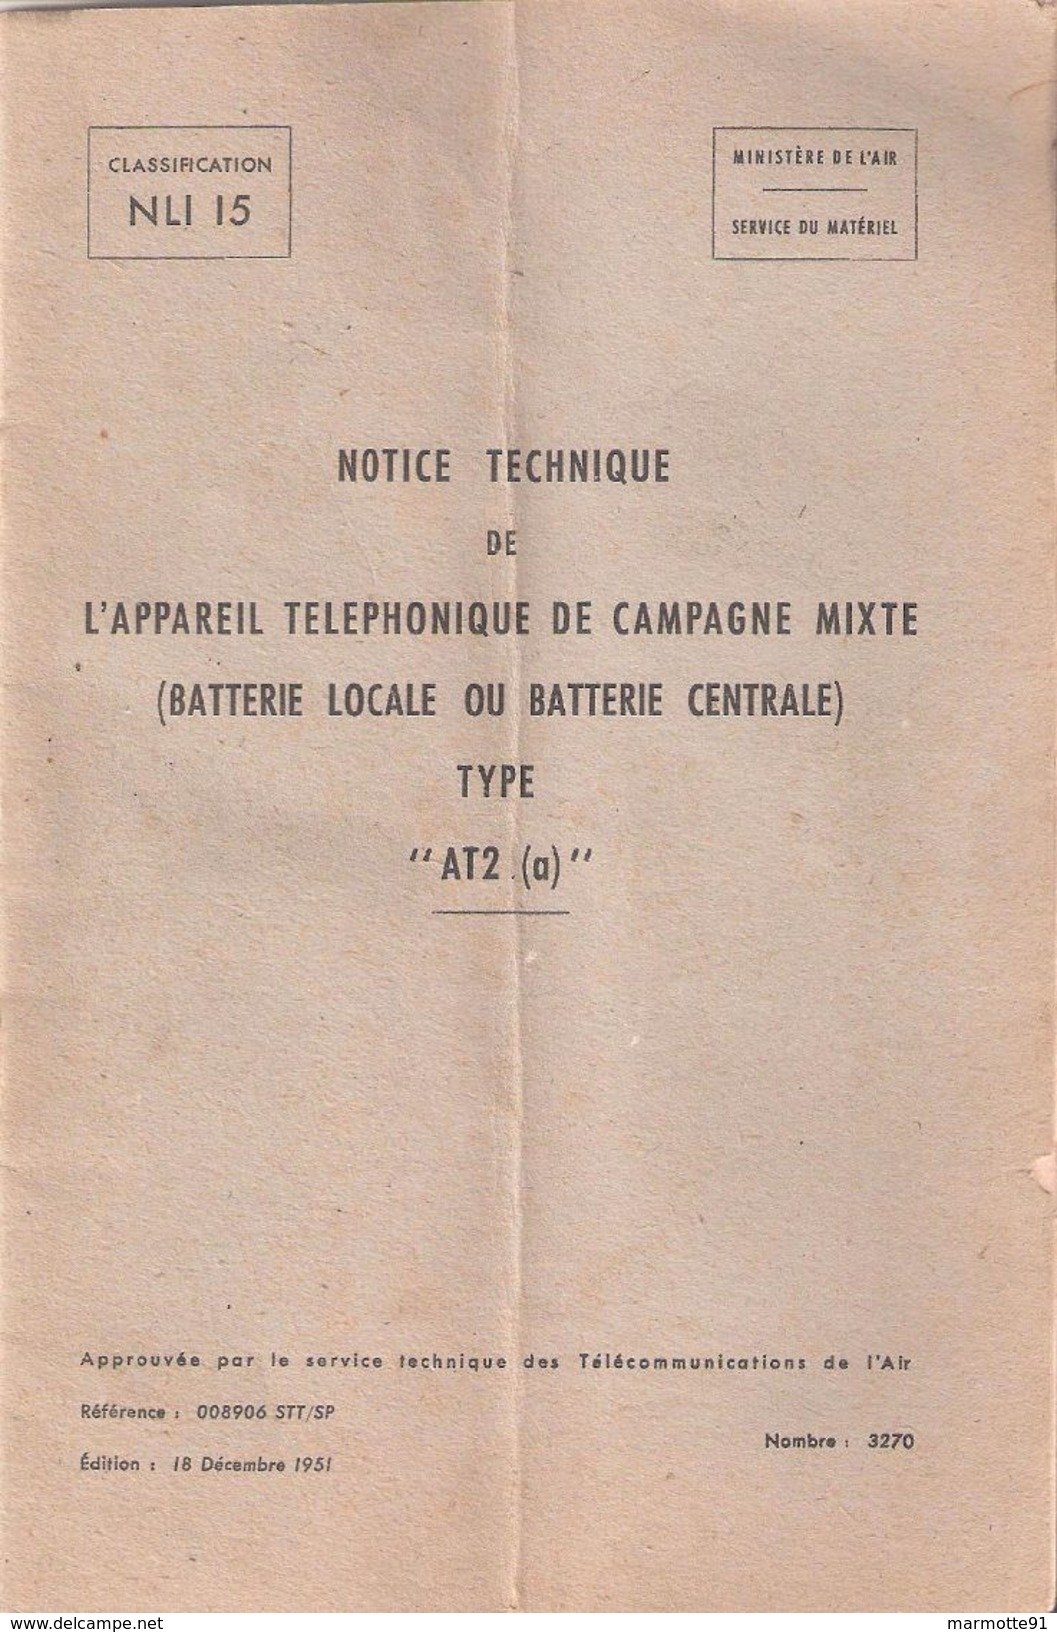 NOTICE TECHNIQUE APPAREIL TELEPHONIQUE CAMPAGNE MIXTE TYPE AR2 1951 TRANSMISSIONS MATERIEL - Radio